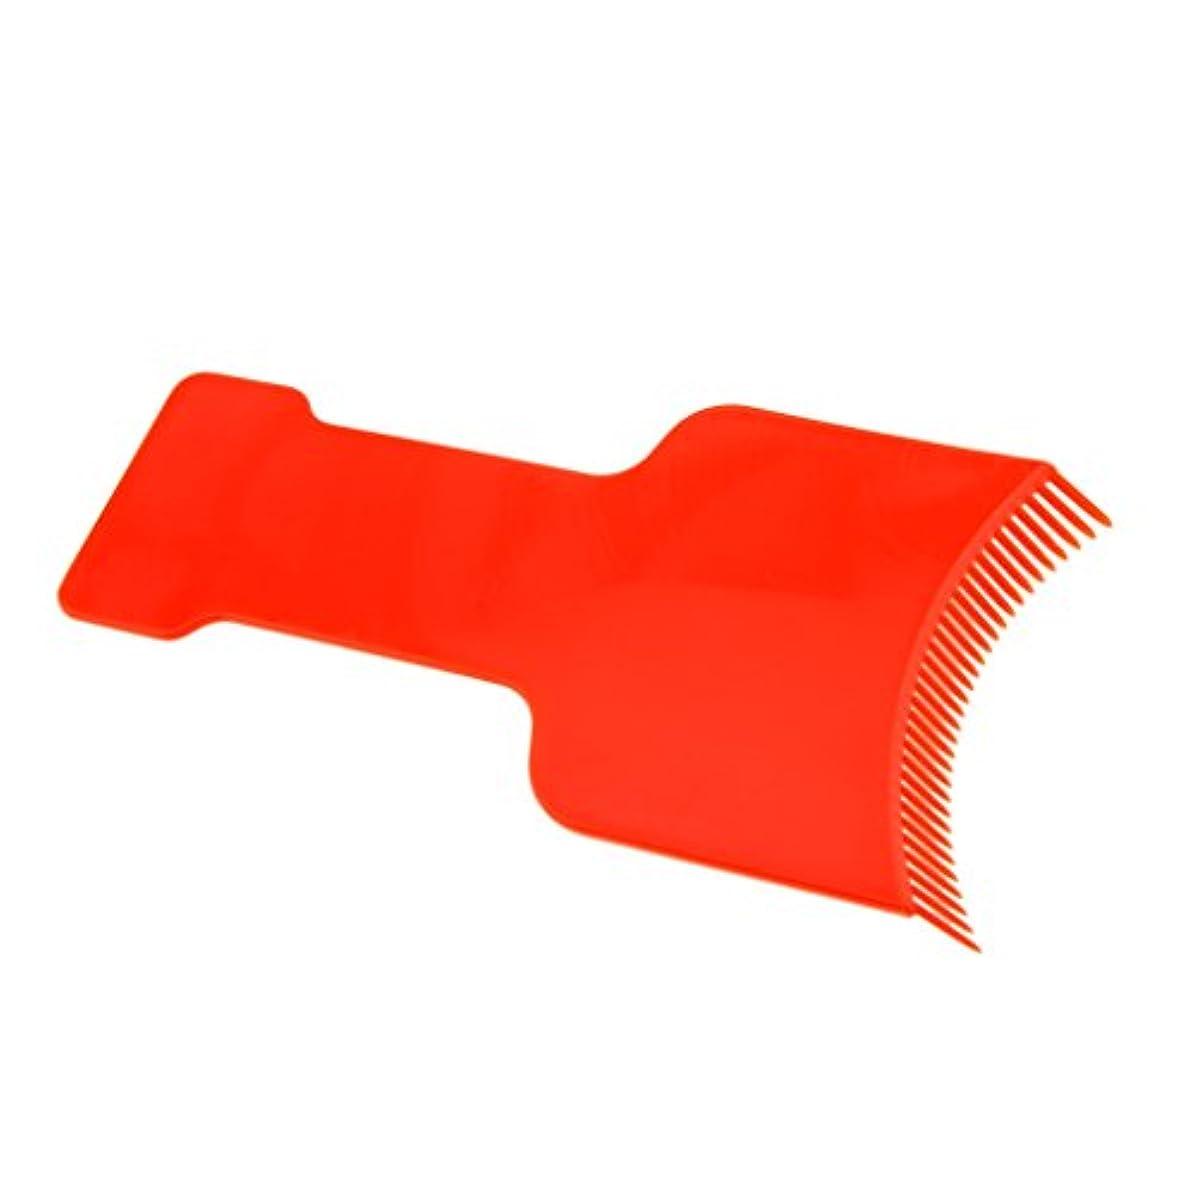 家具振り子バターヘアカラーボード サロン ヘアカラー ボード ヘアカラーティントプレート 理髪 美容院